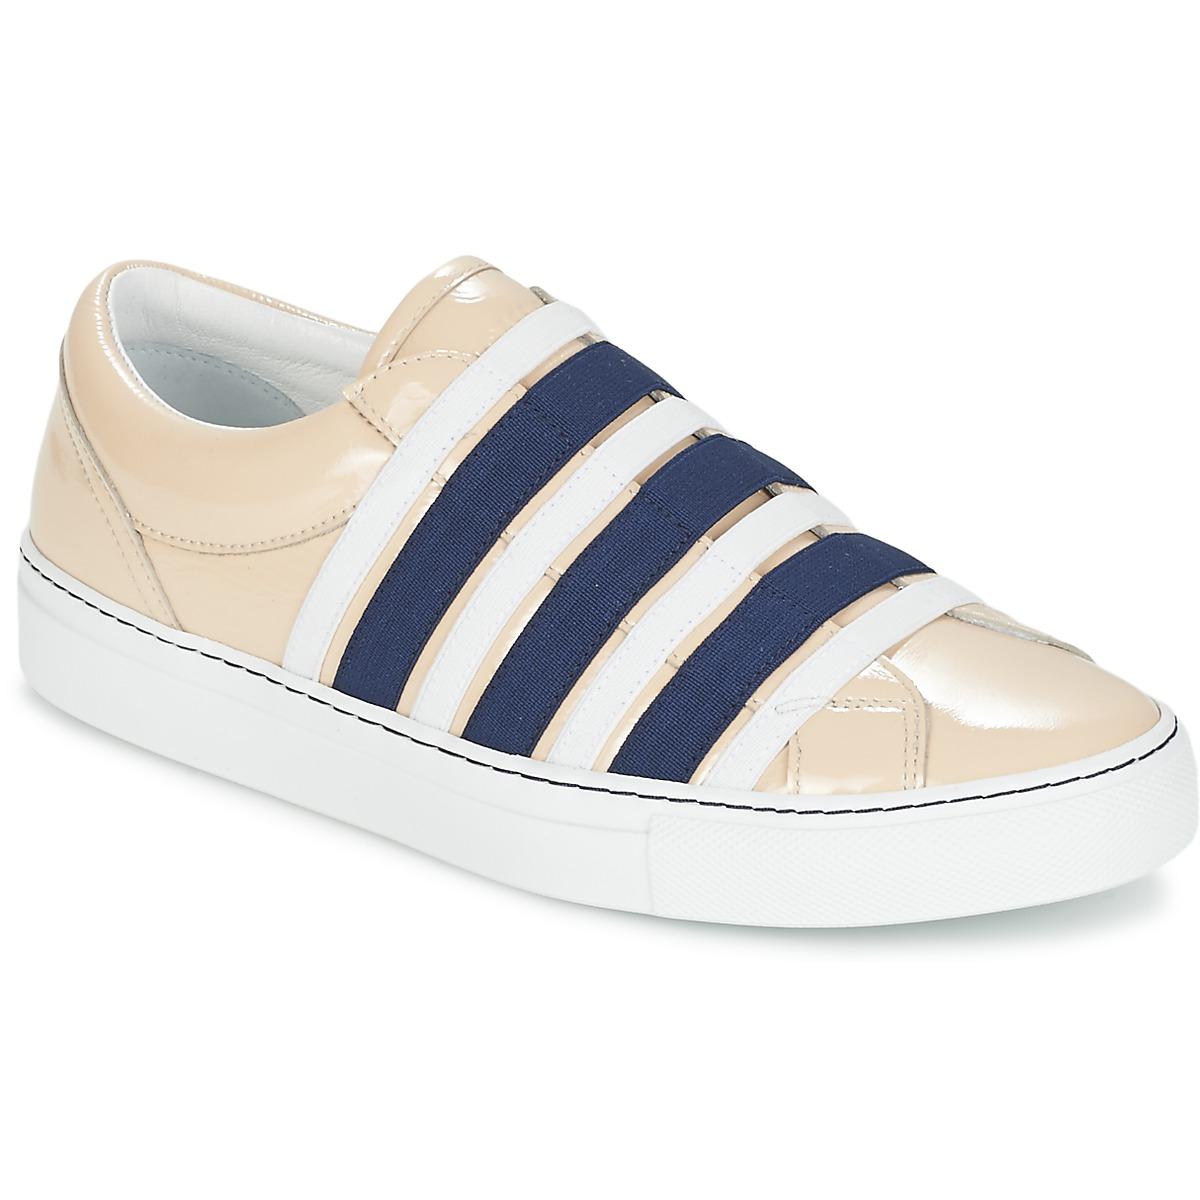 Sonia Rykiel SONIA BY - SLIPPINETTE Beige / Marine - Kostenloser Versand bei Spartoode ! - Schuhe Slip on Damen 159,50 €